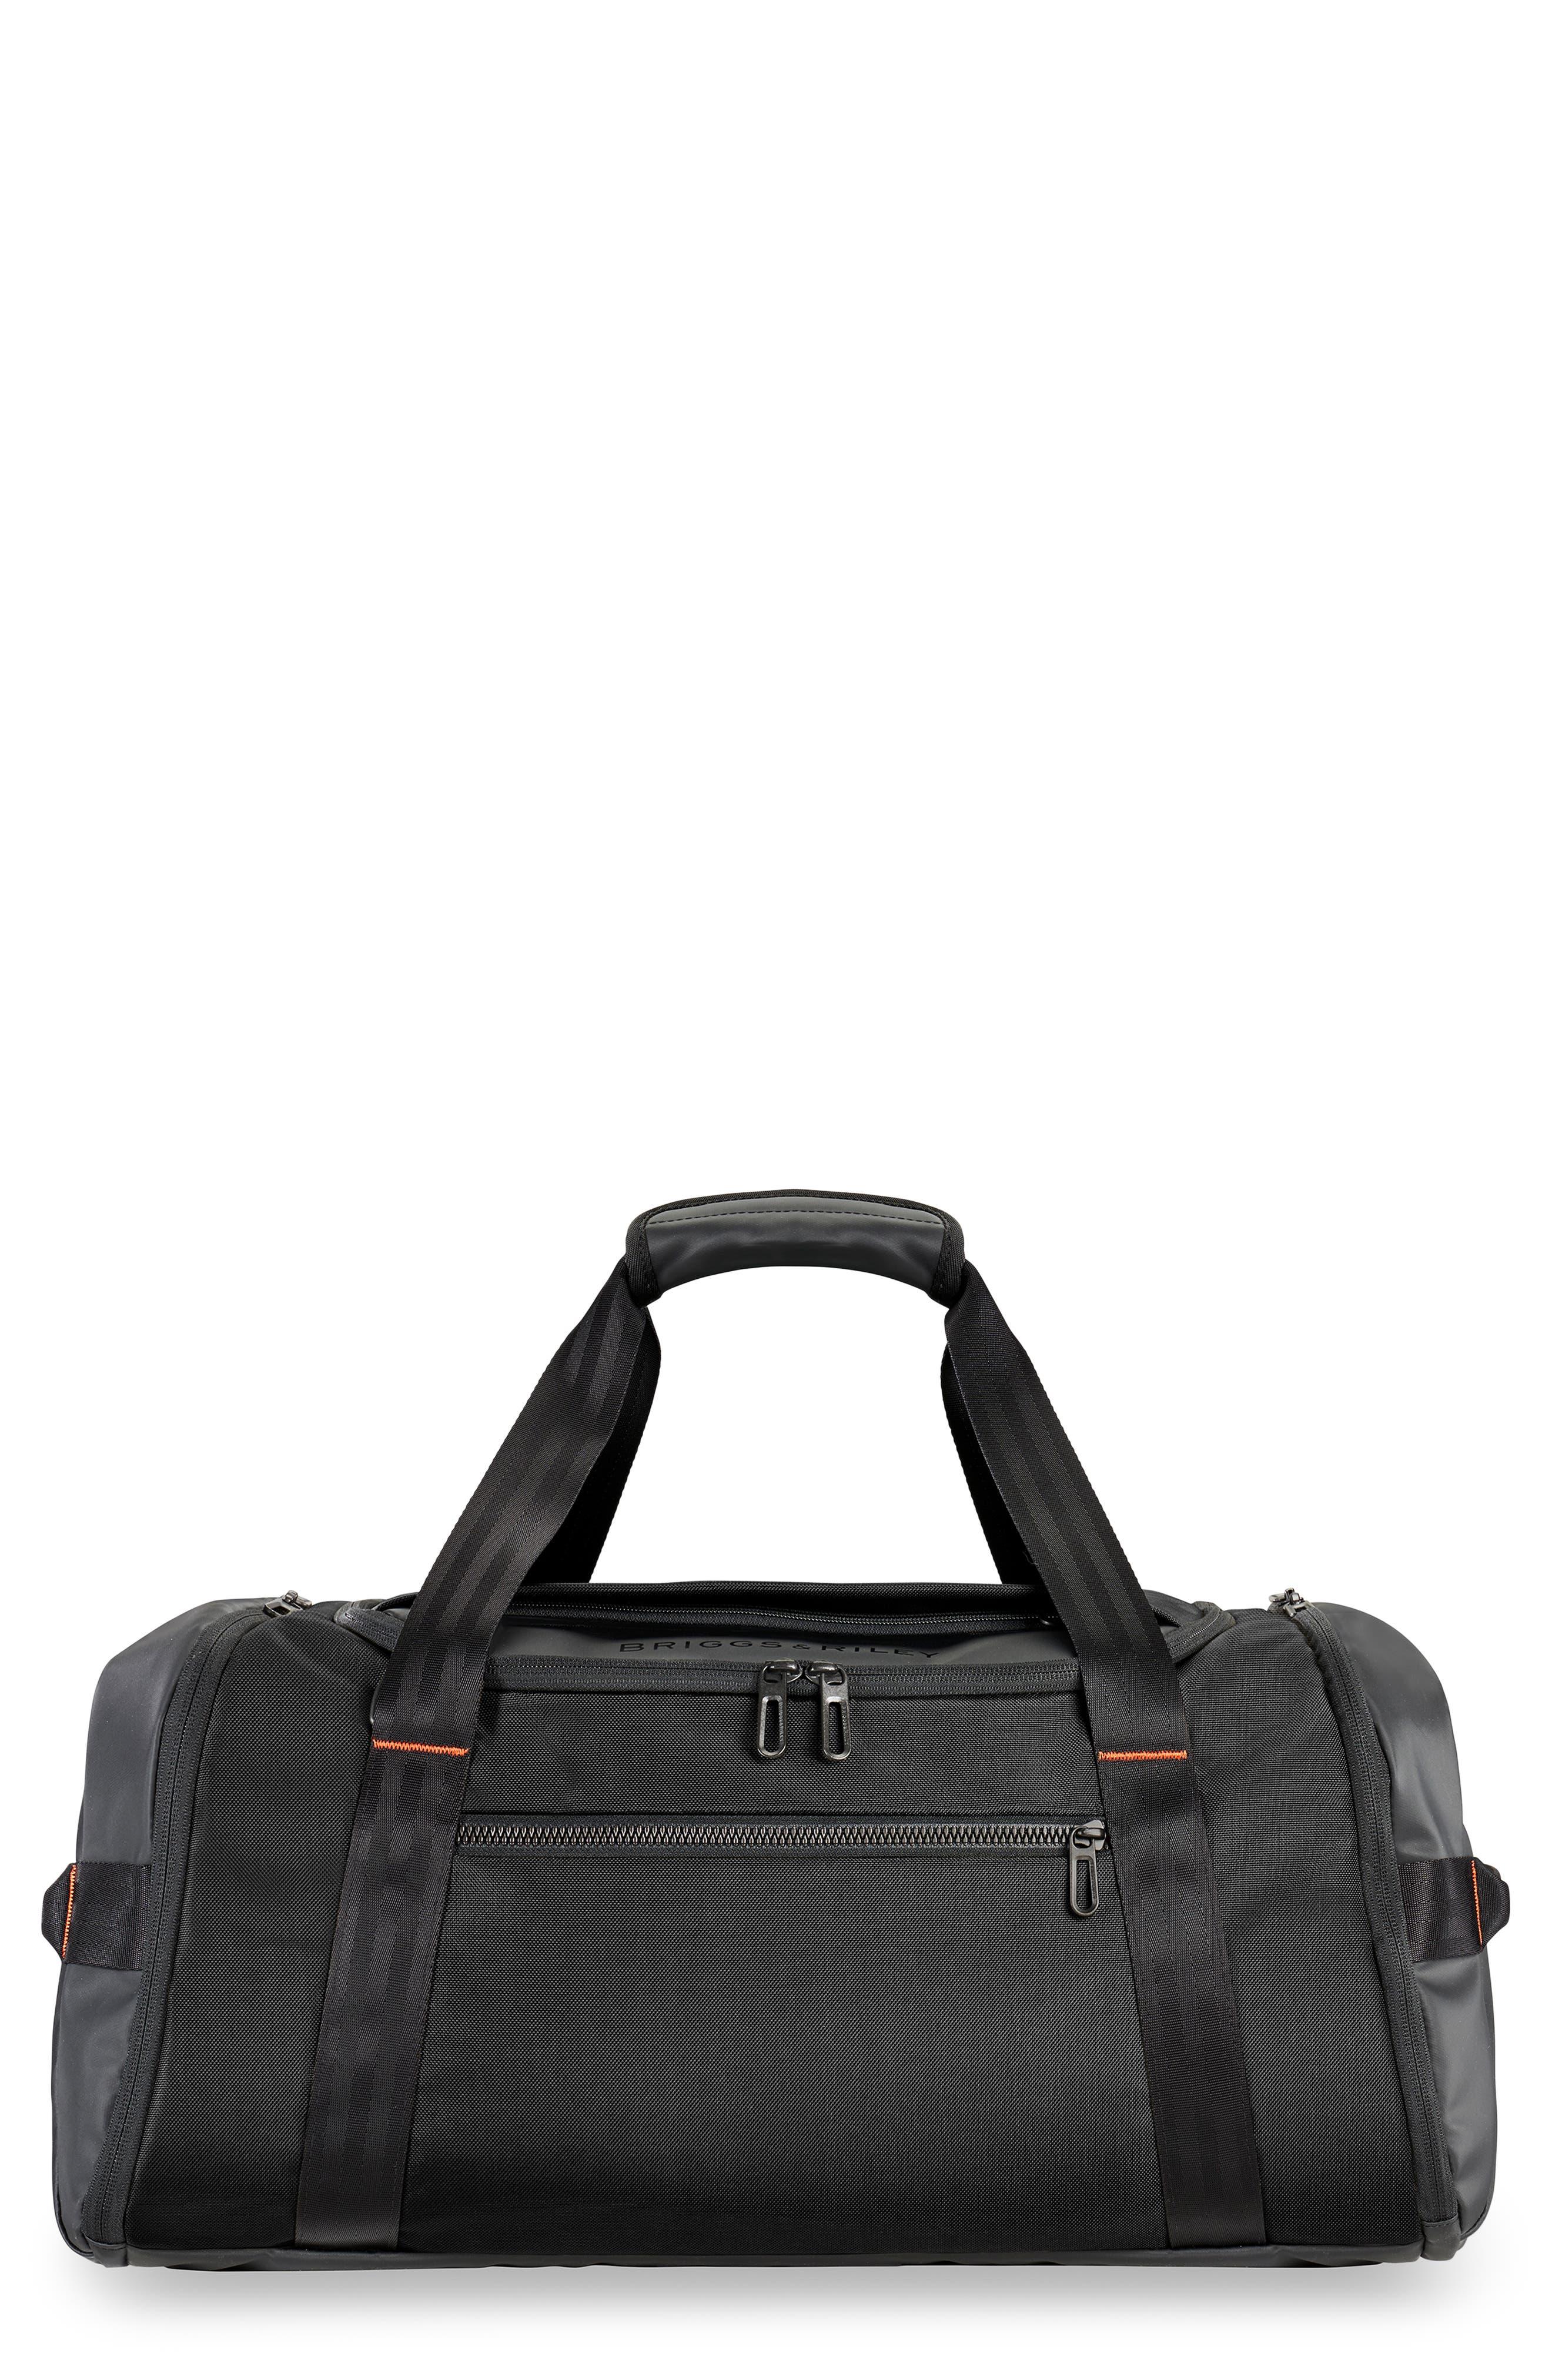 Zdx Large Duffle Bag